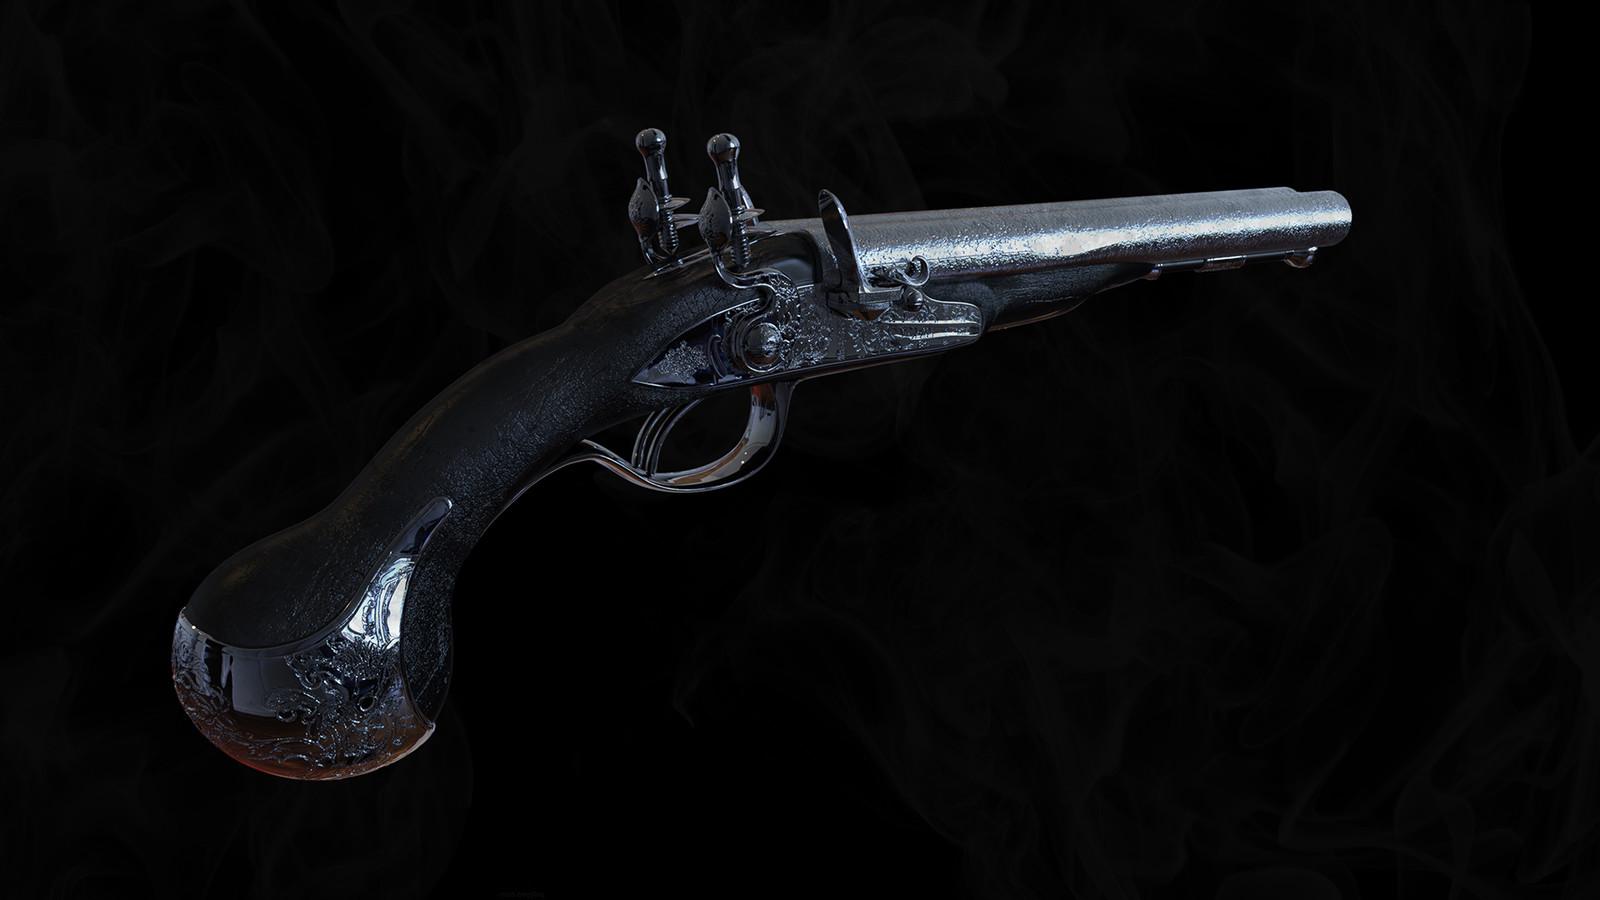 Flint gun - study